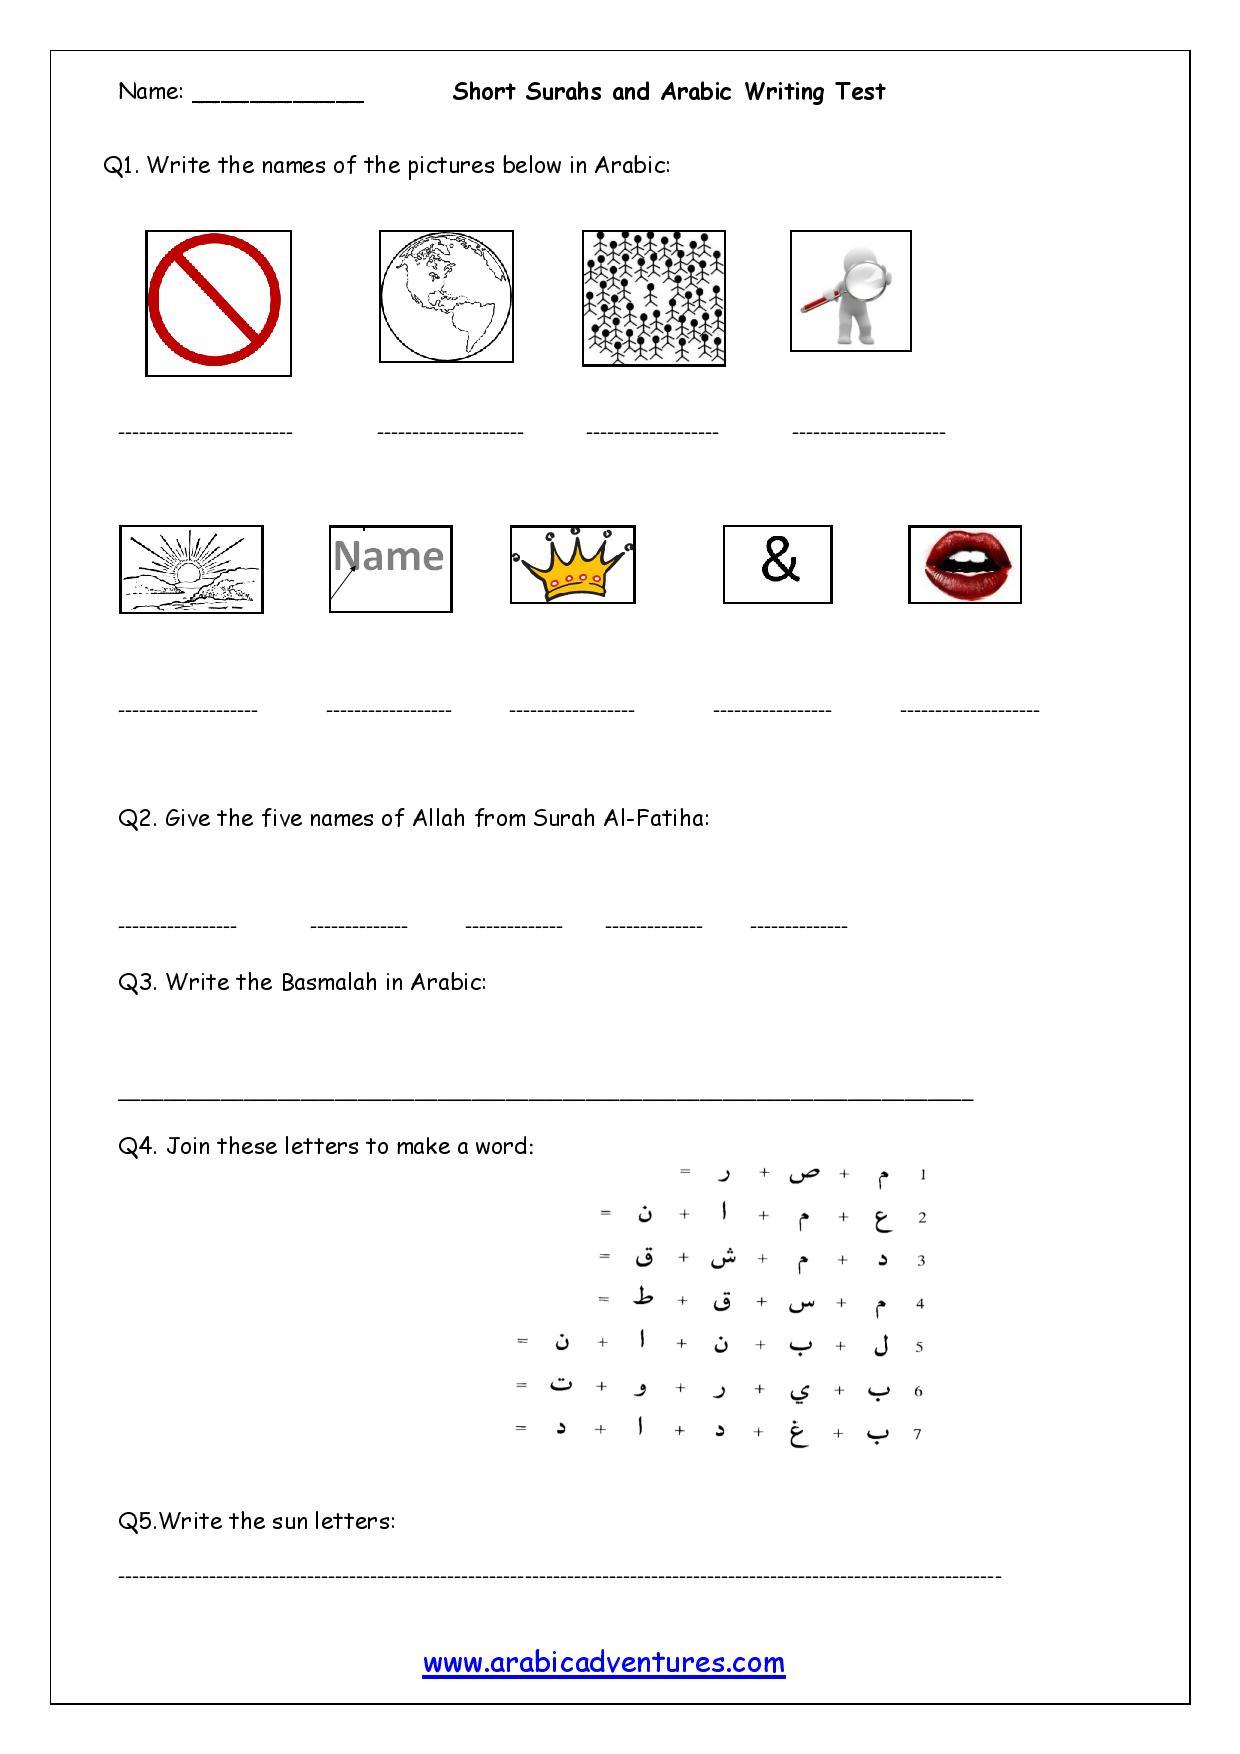 Arabic Worksheet Short Surahs